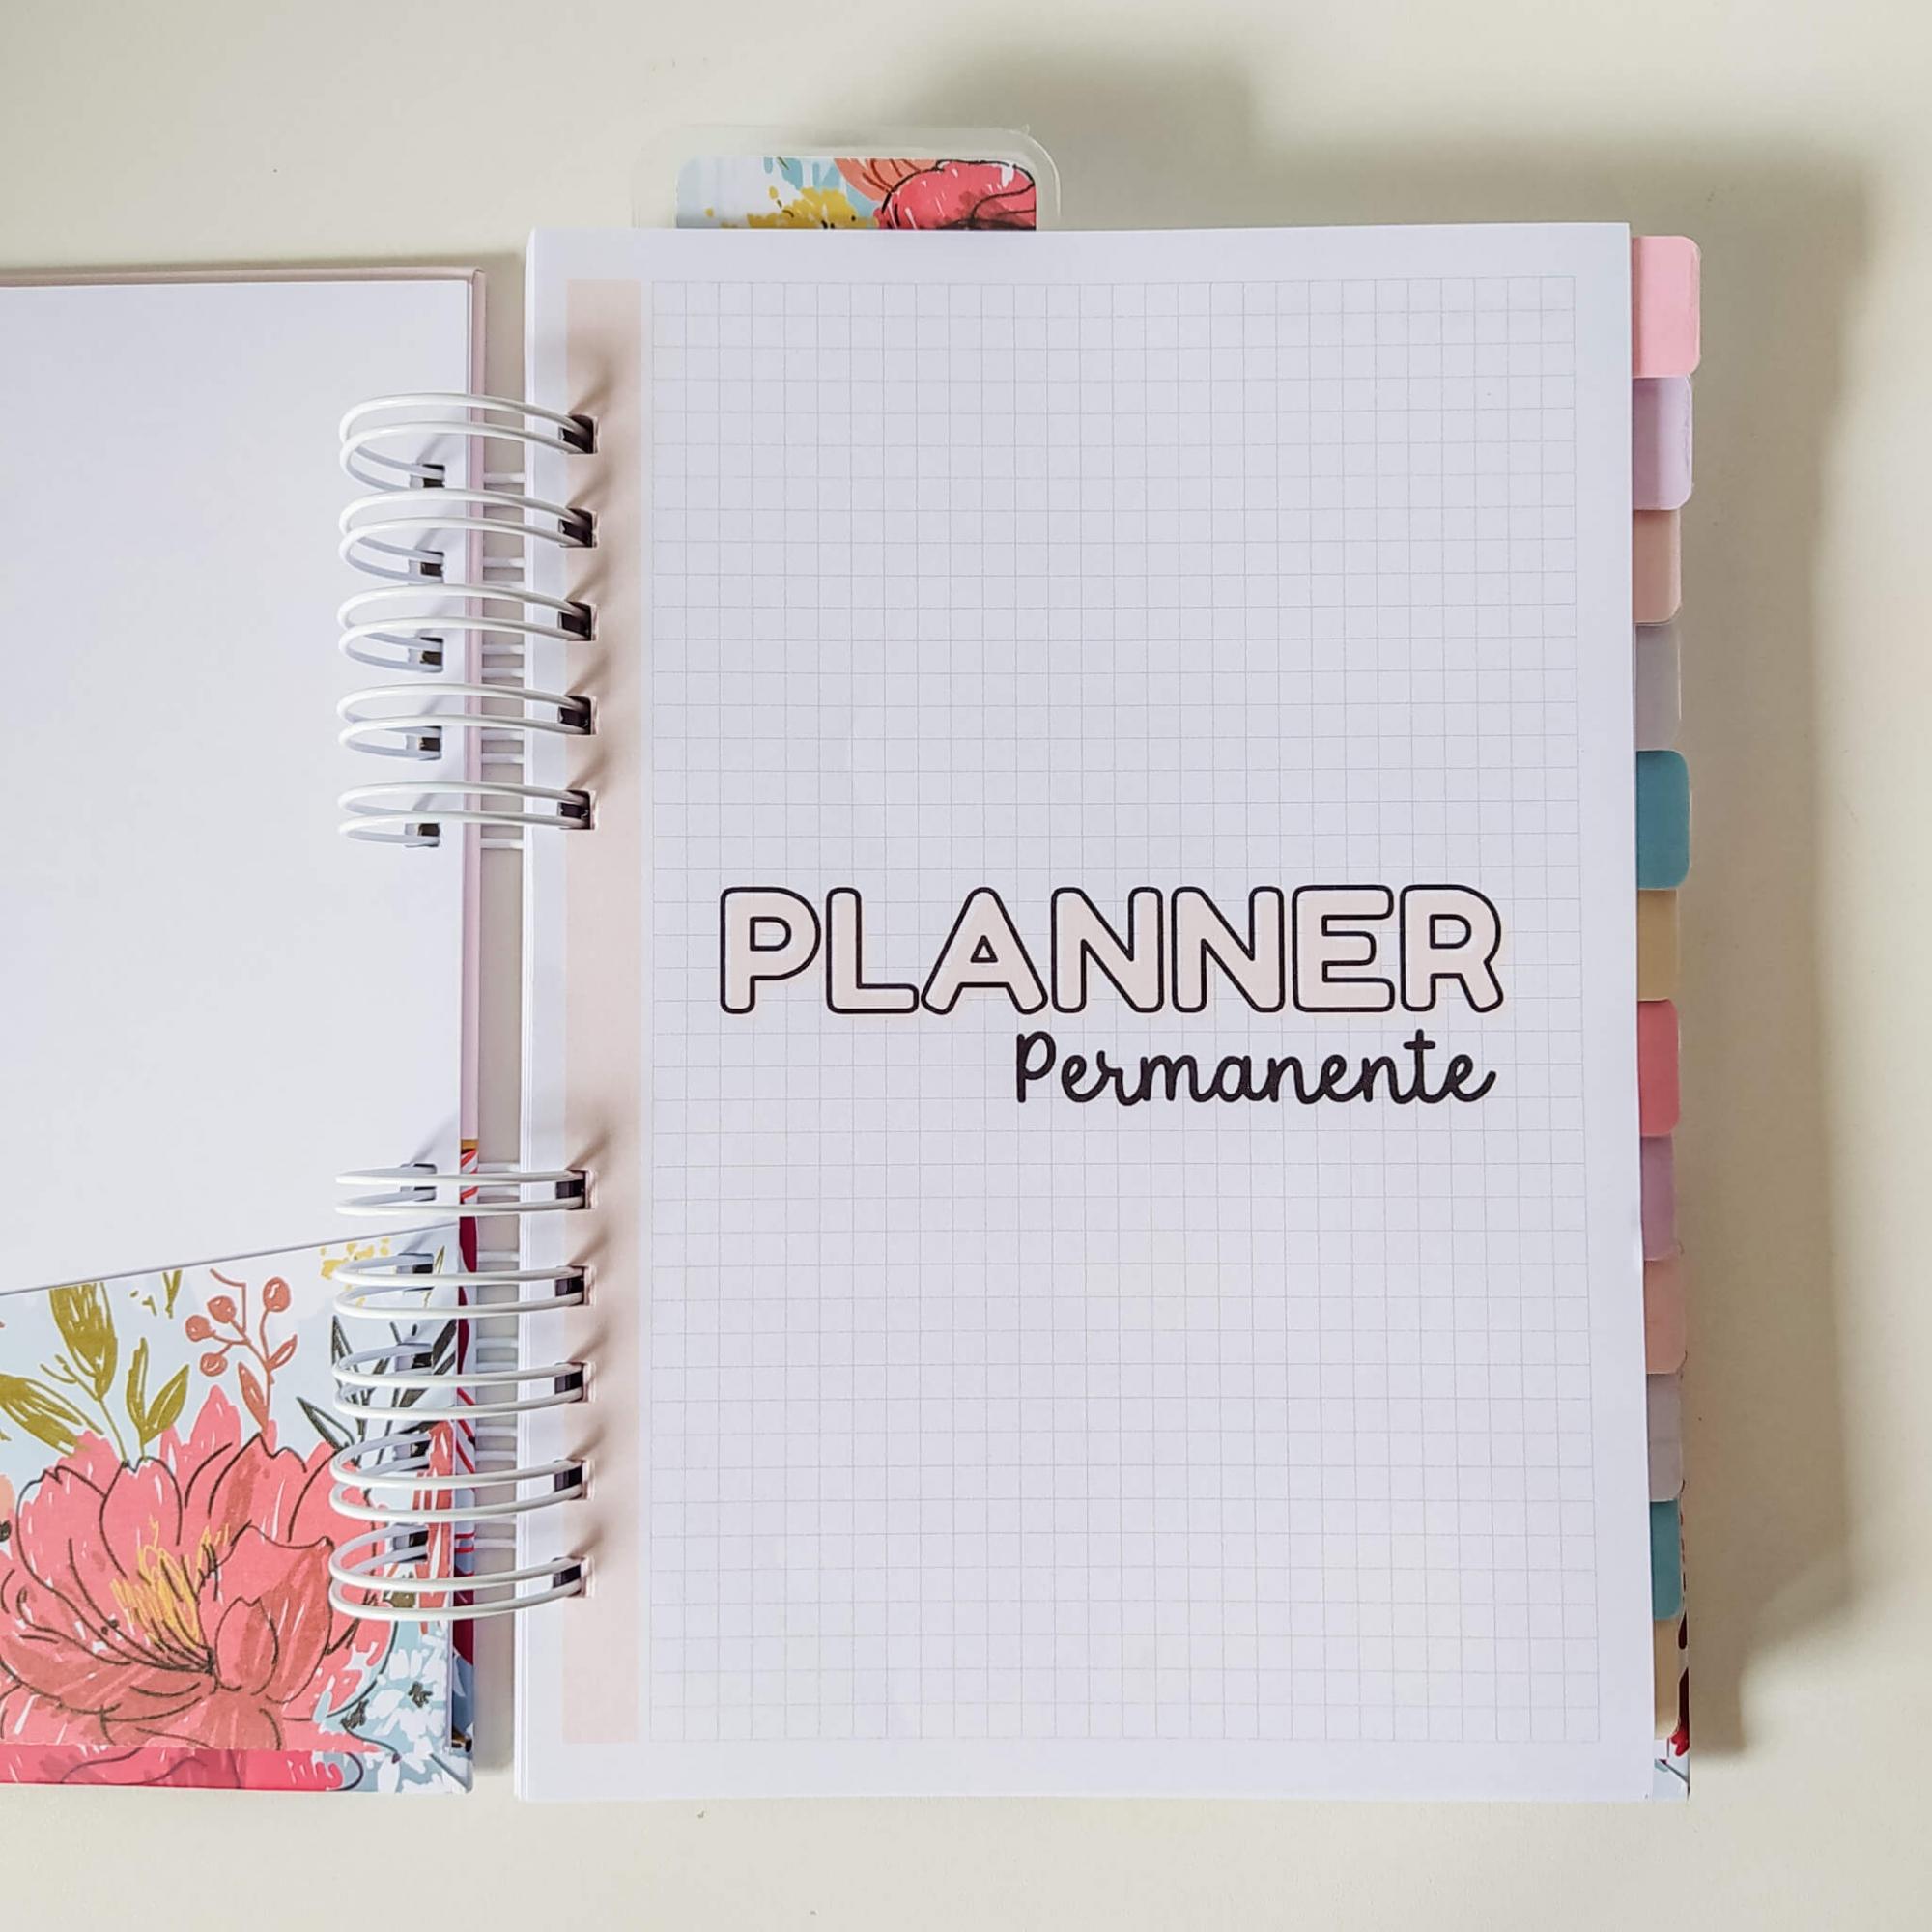 Planner permanente - Teens